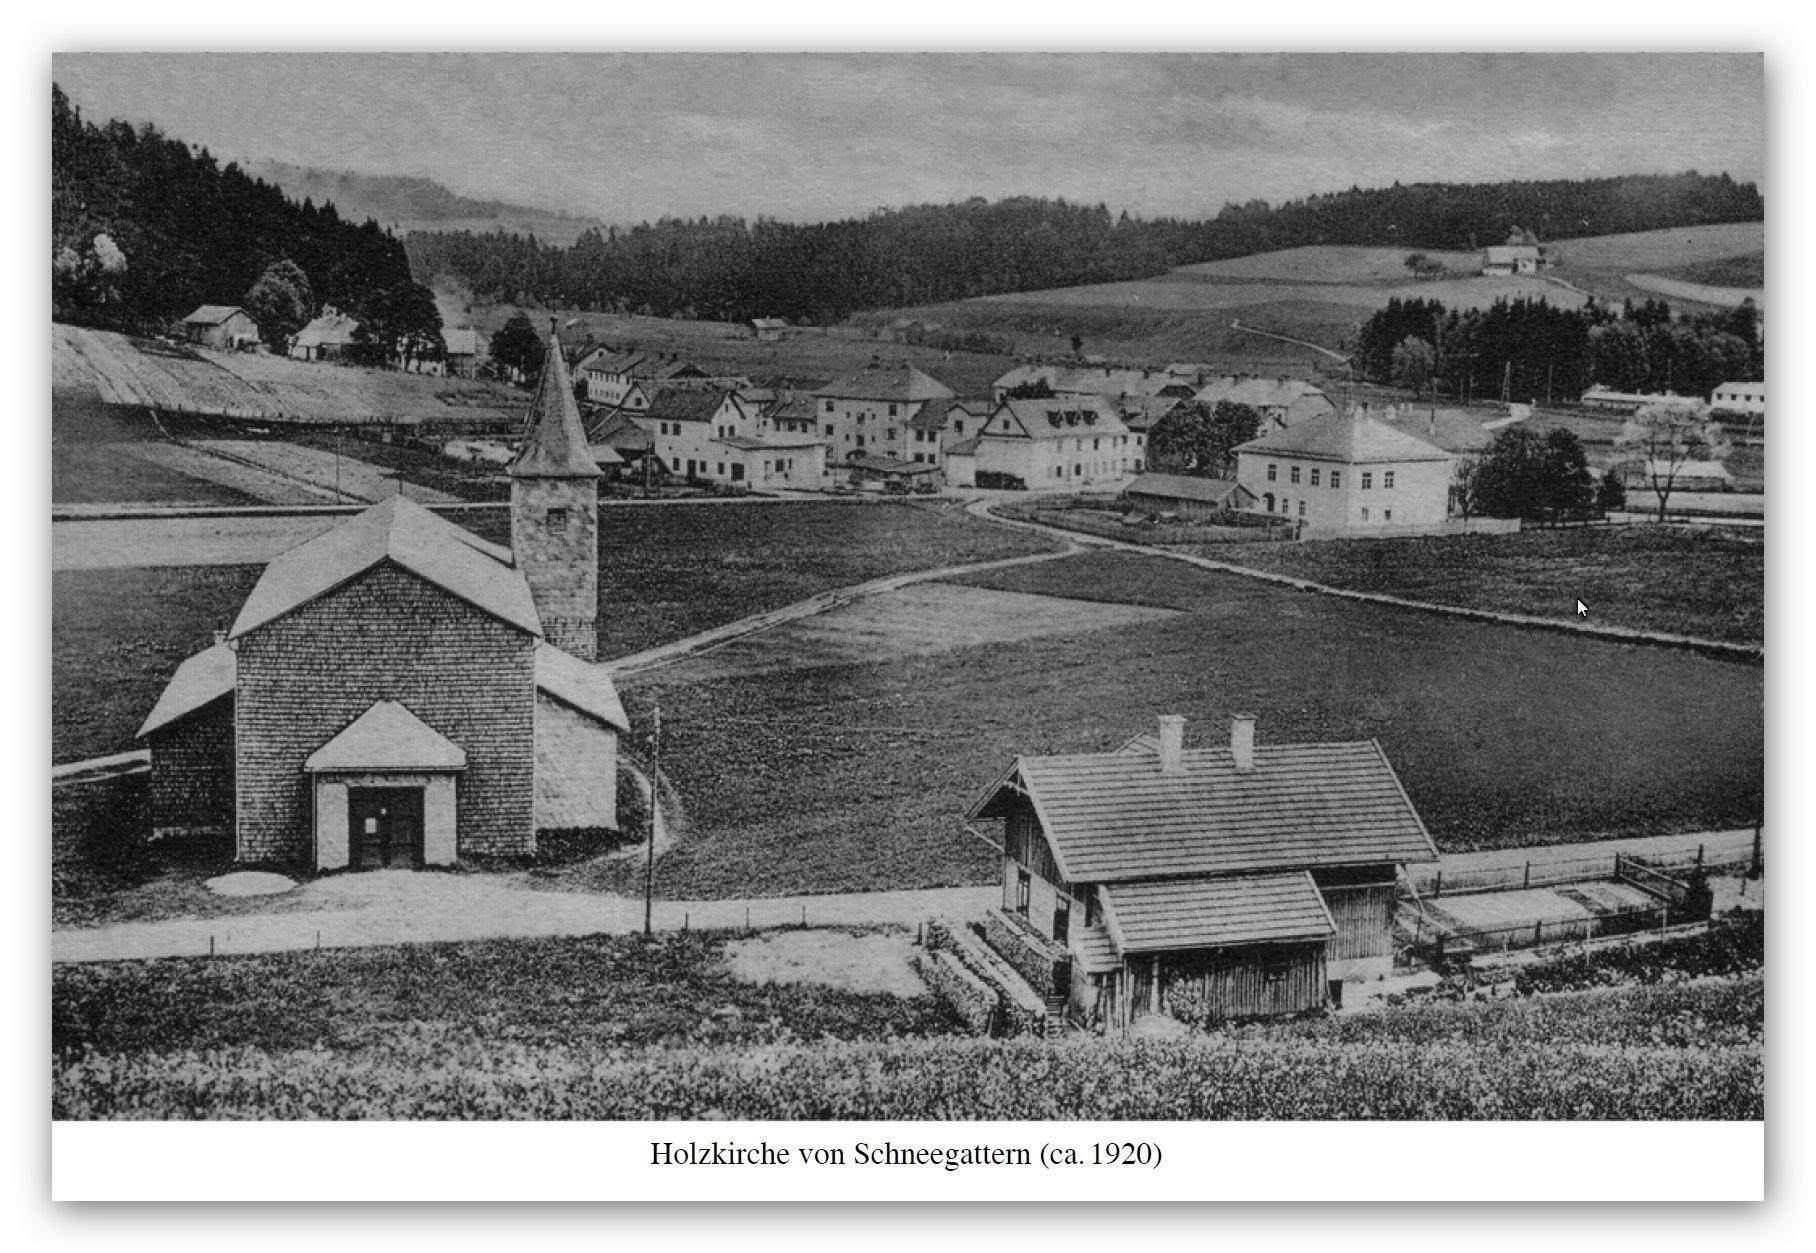 https://0501.nccdn.net/4_2/000/000/081/4ce/Holzkirche-Schneegattern-1920-1816x1253.jpg